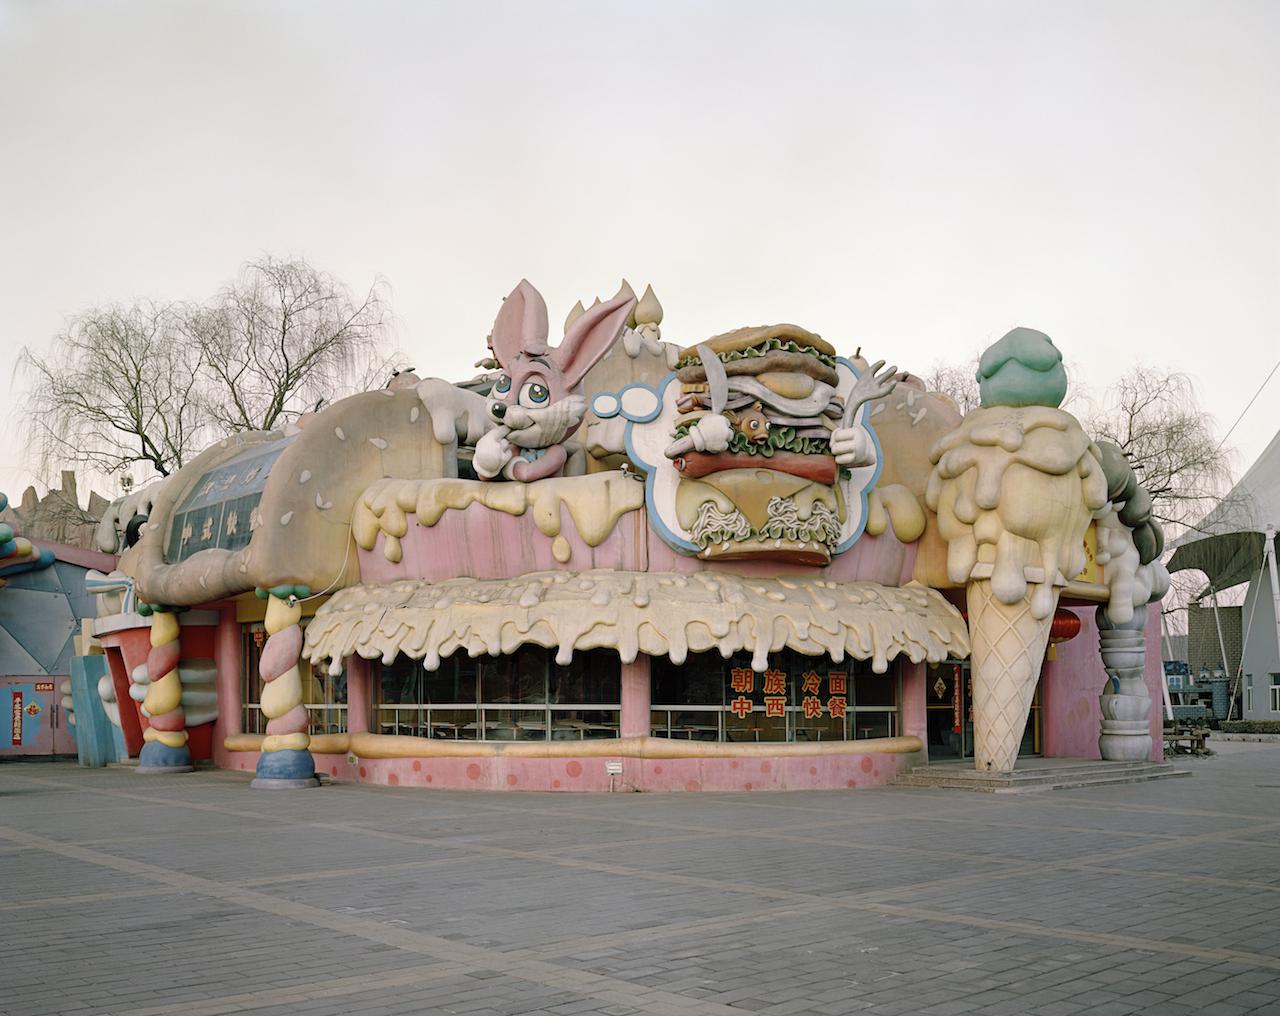 Shijingshang Park-Beijing in 'Stefano Cerio: Chinese Fun'